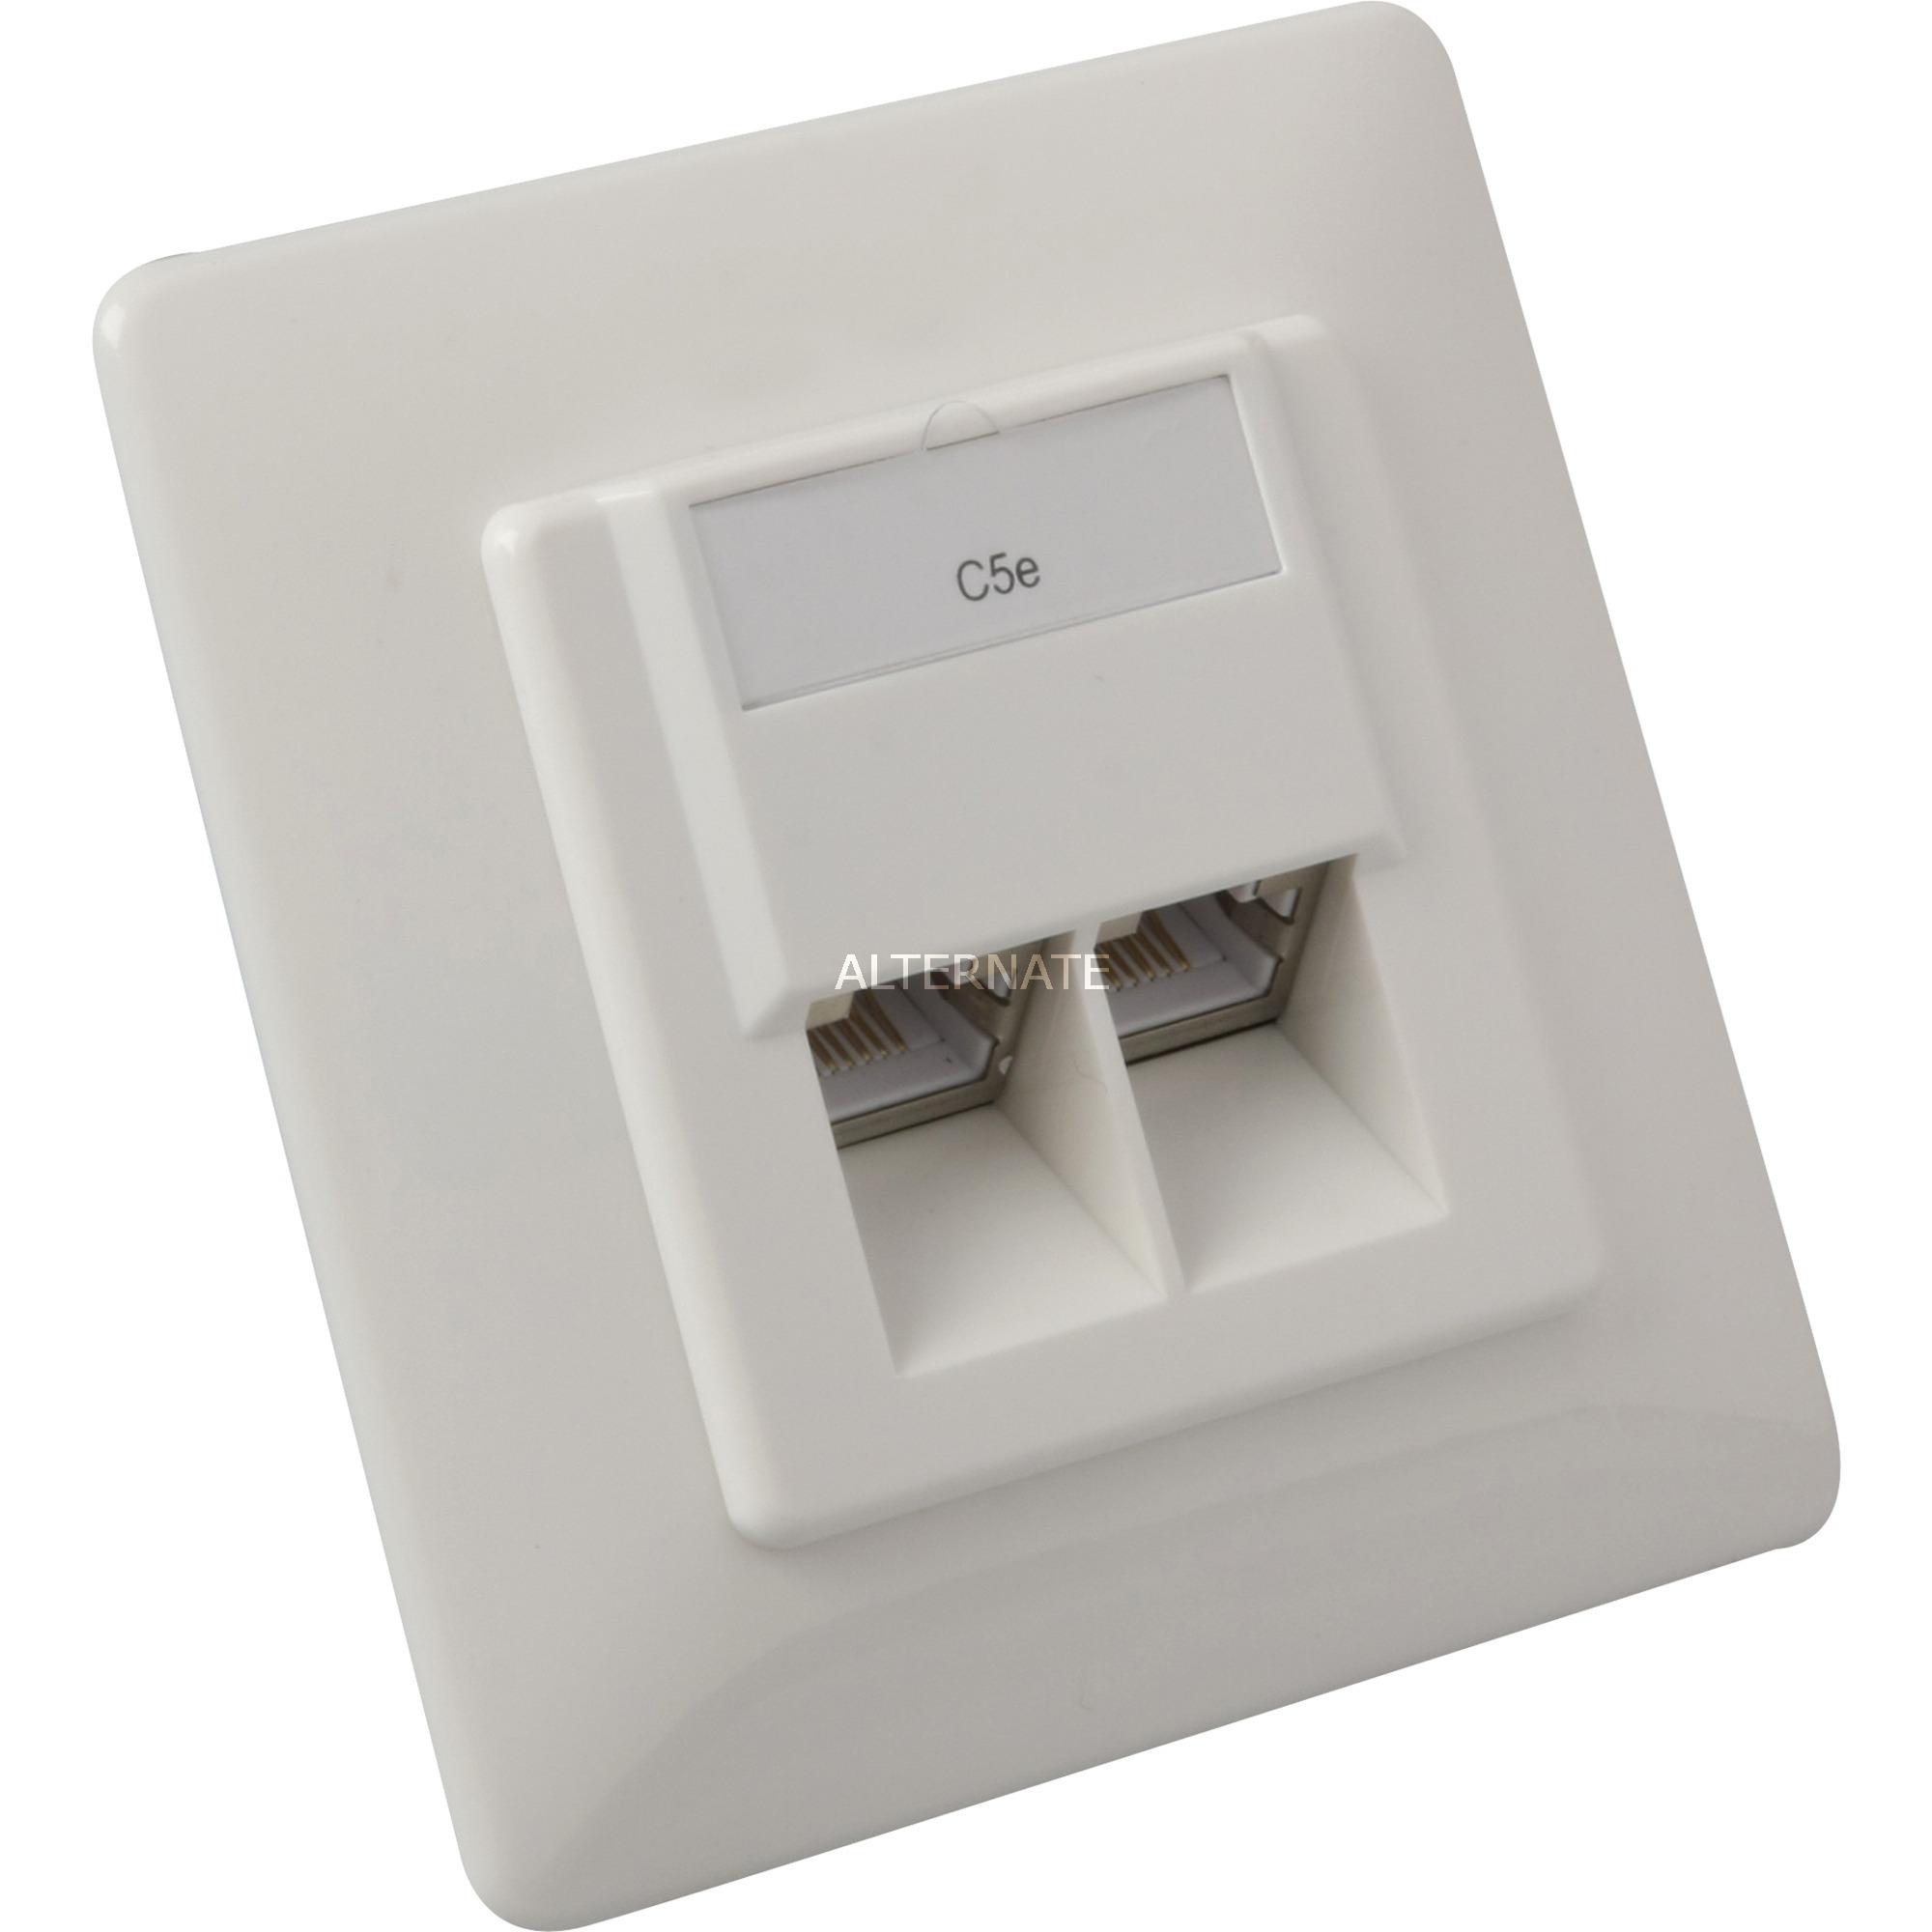 modular-wall-outlet-cat5e-rj-45-kabelsamler-boks